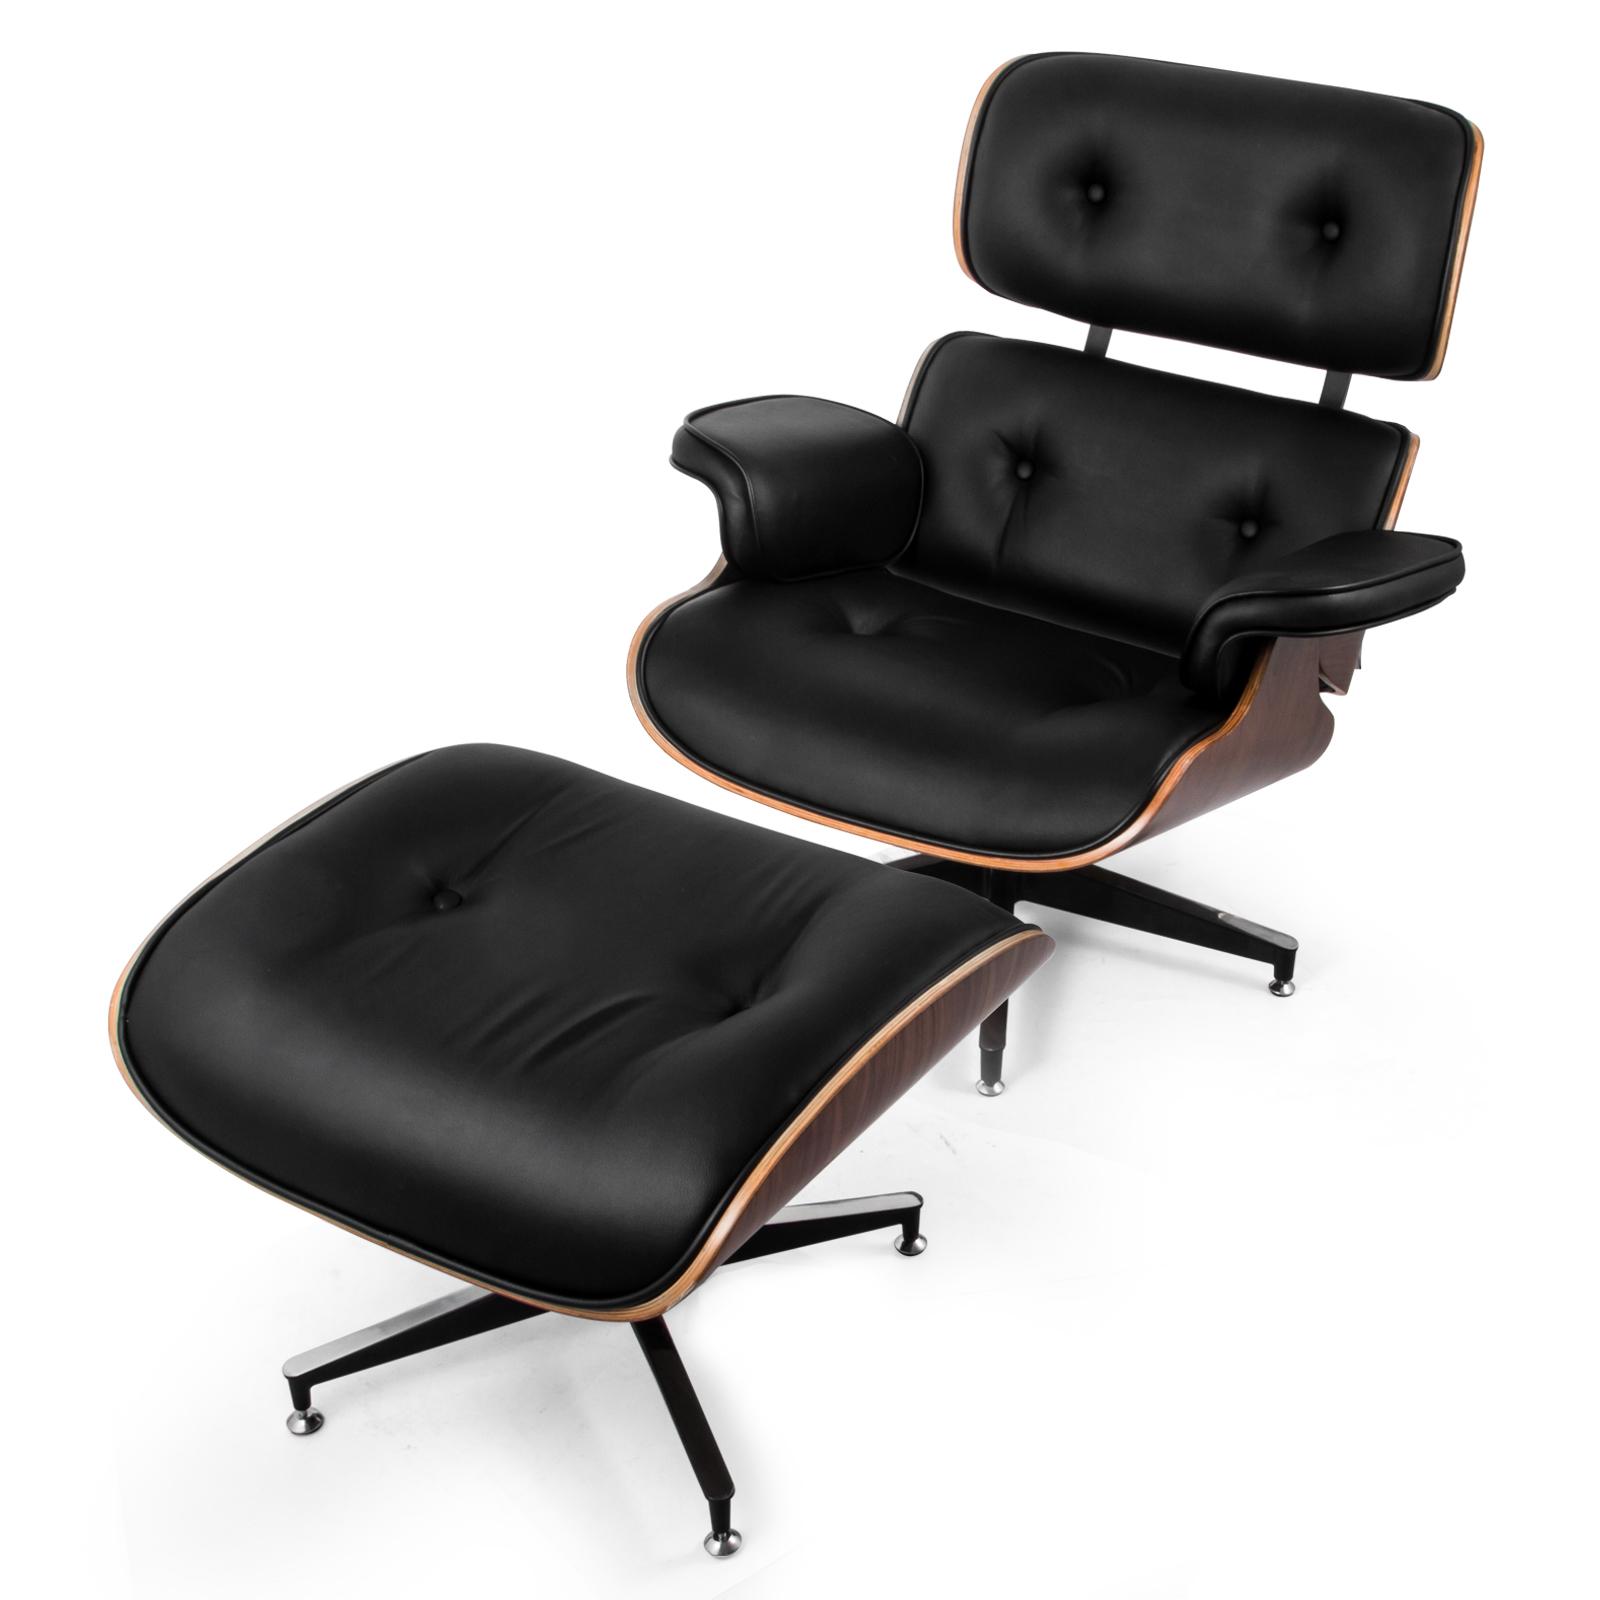 Klassischer Lounge Chair Und Ottomane Pu Leder In Schwarz